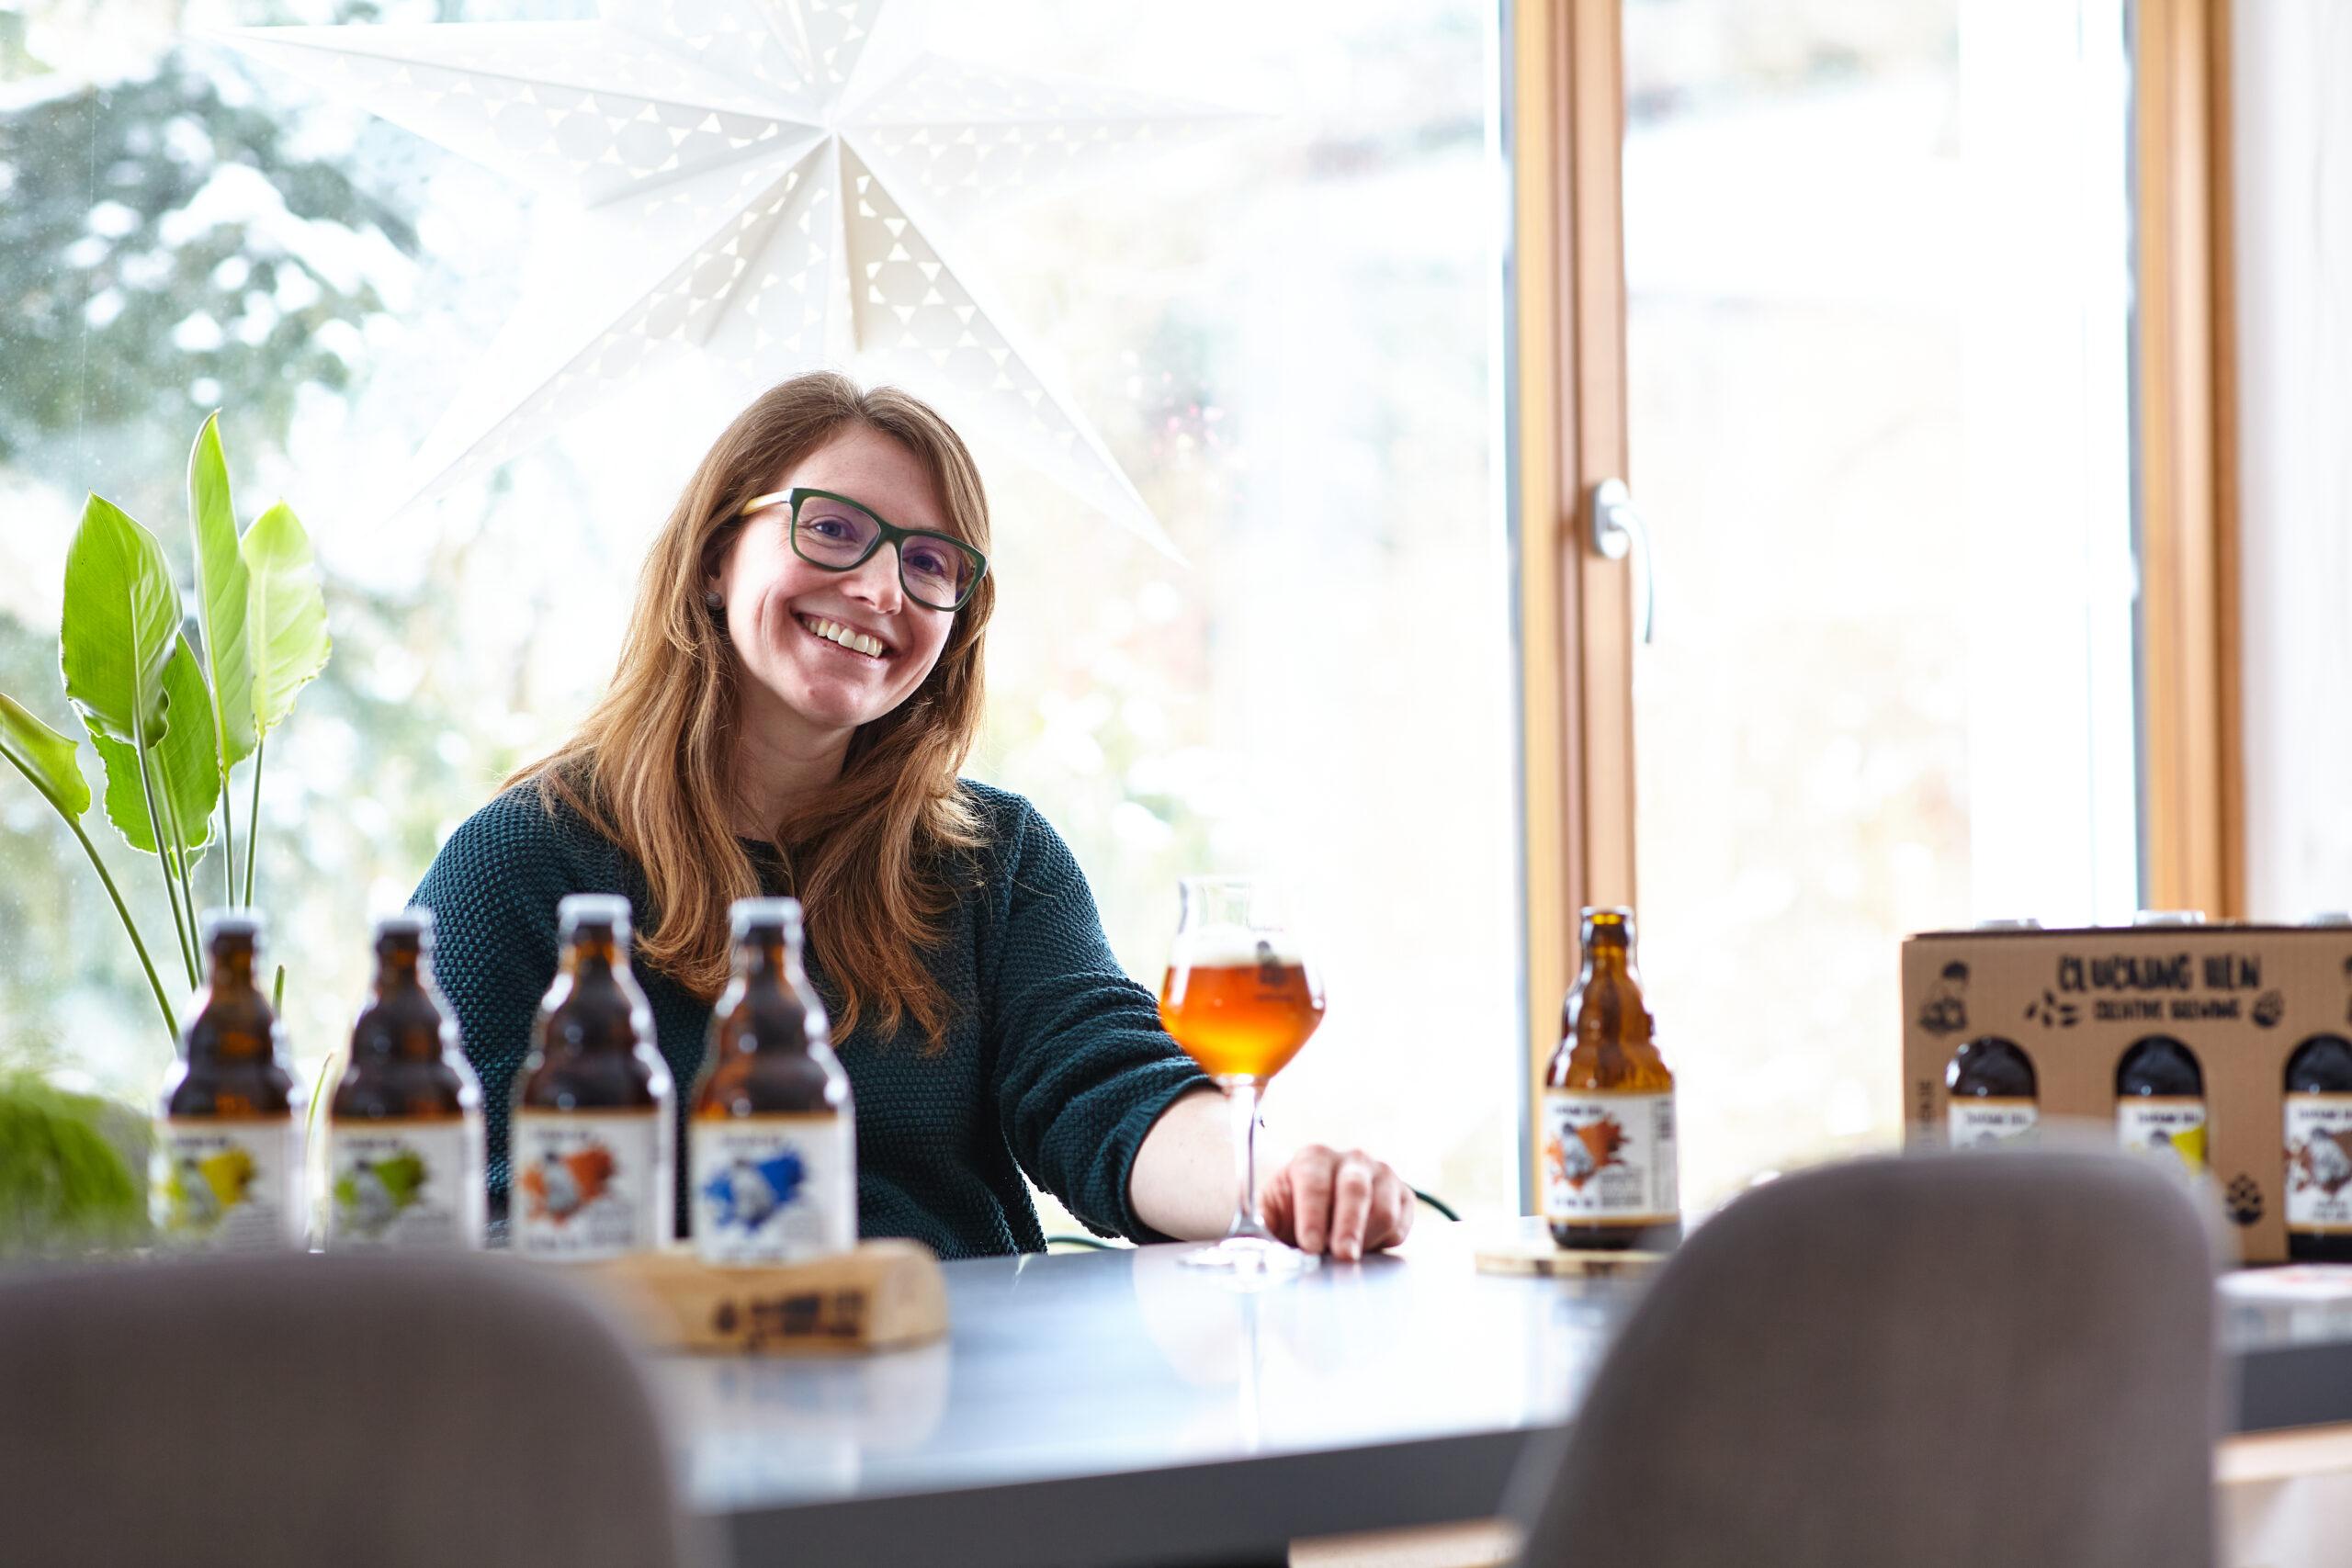 Frau mit Bier sitzt am Tisch